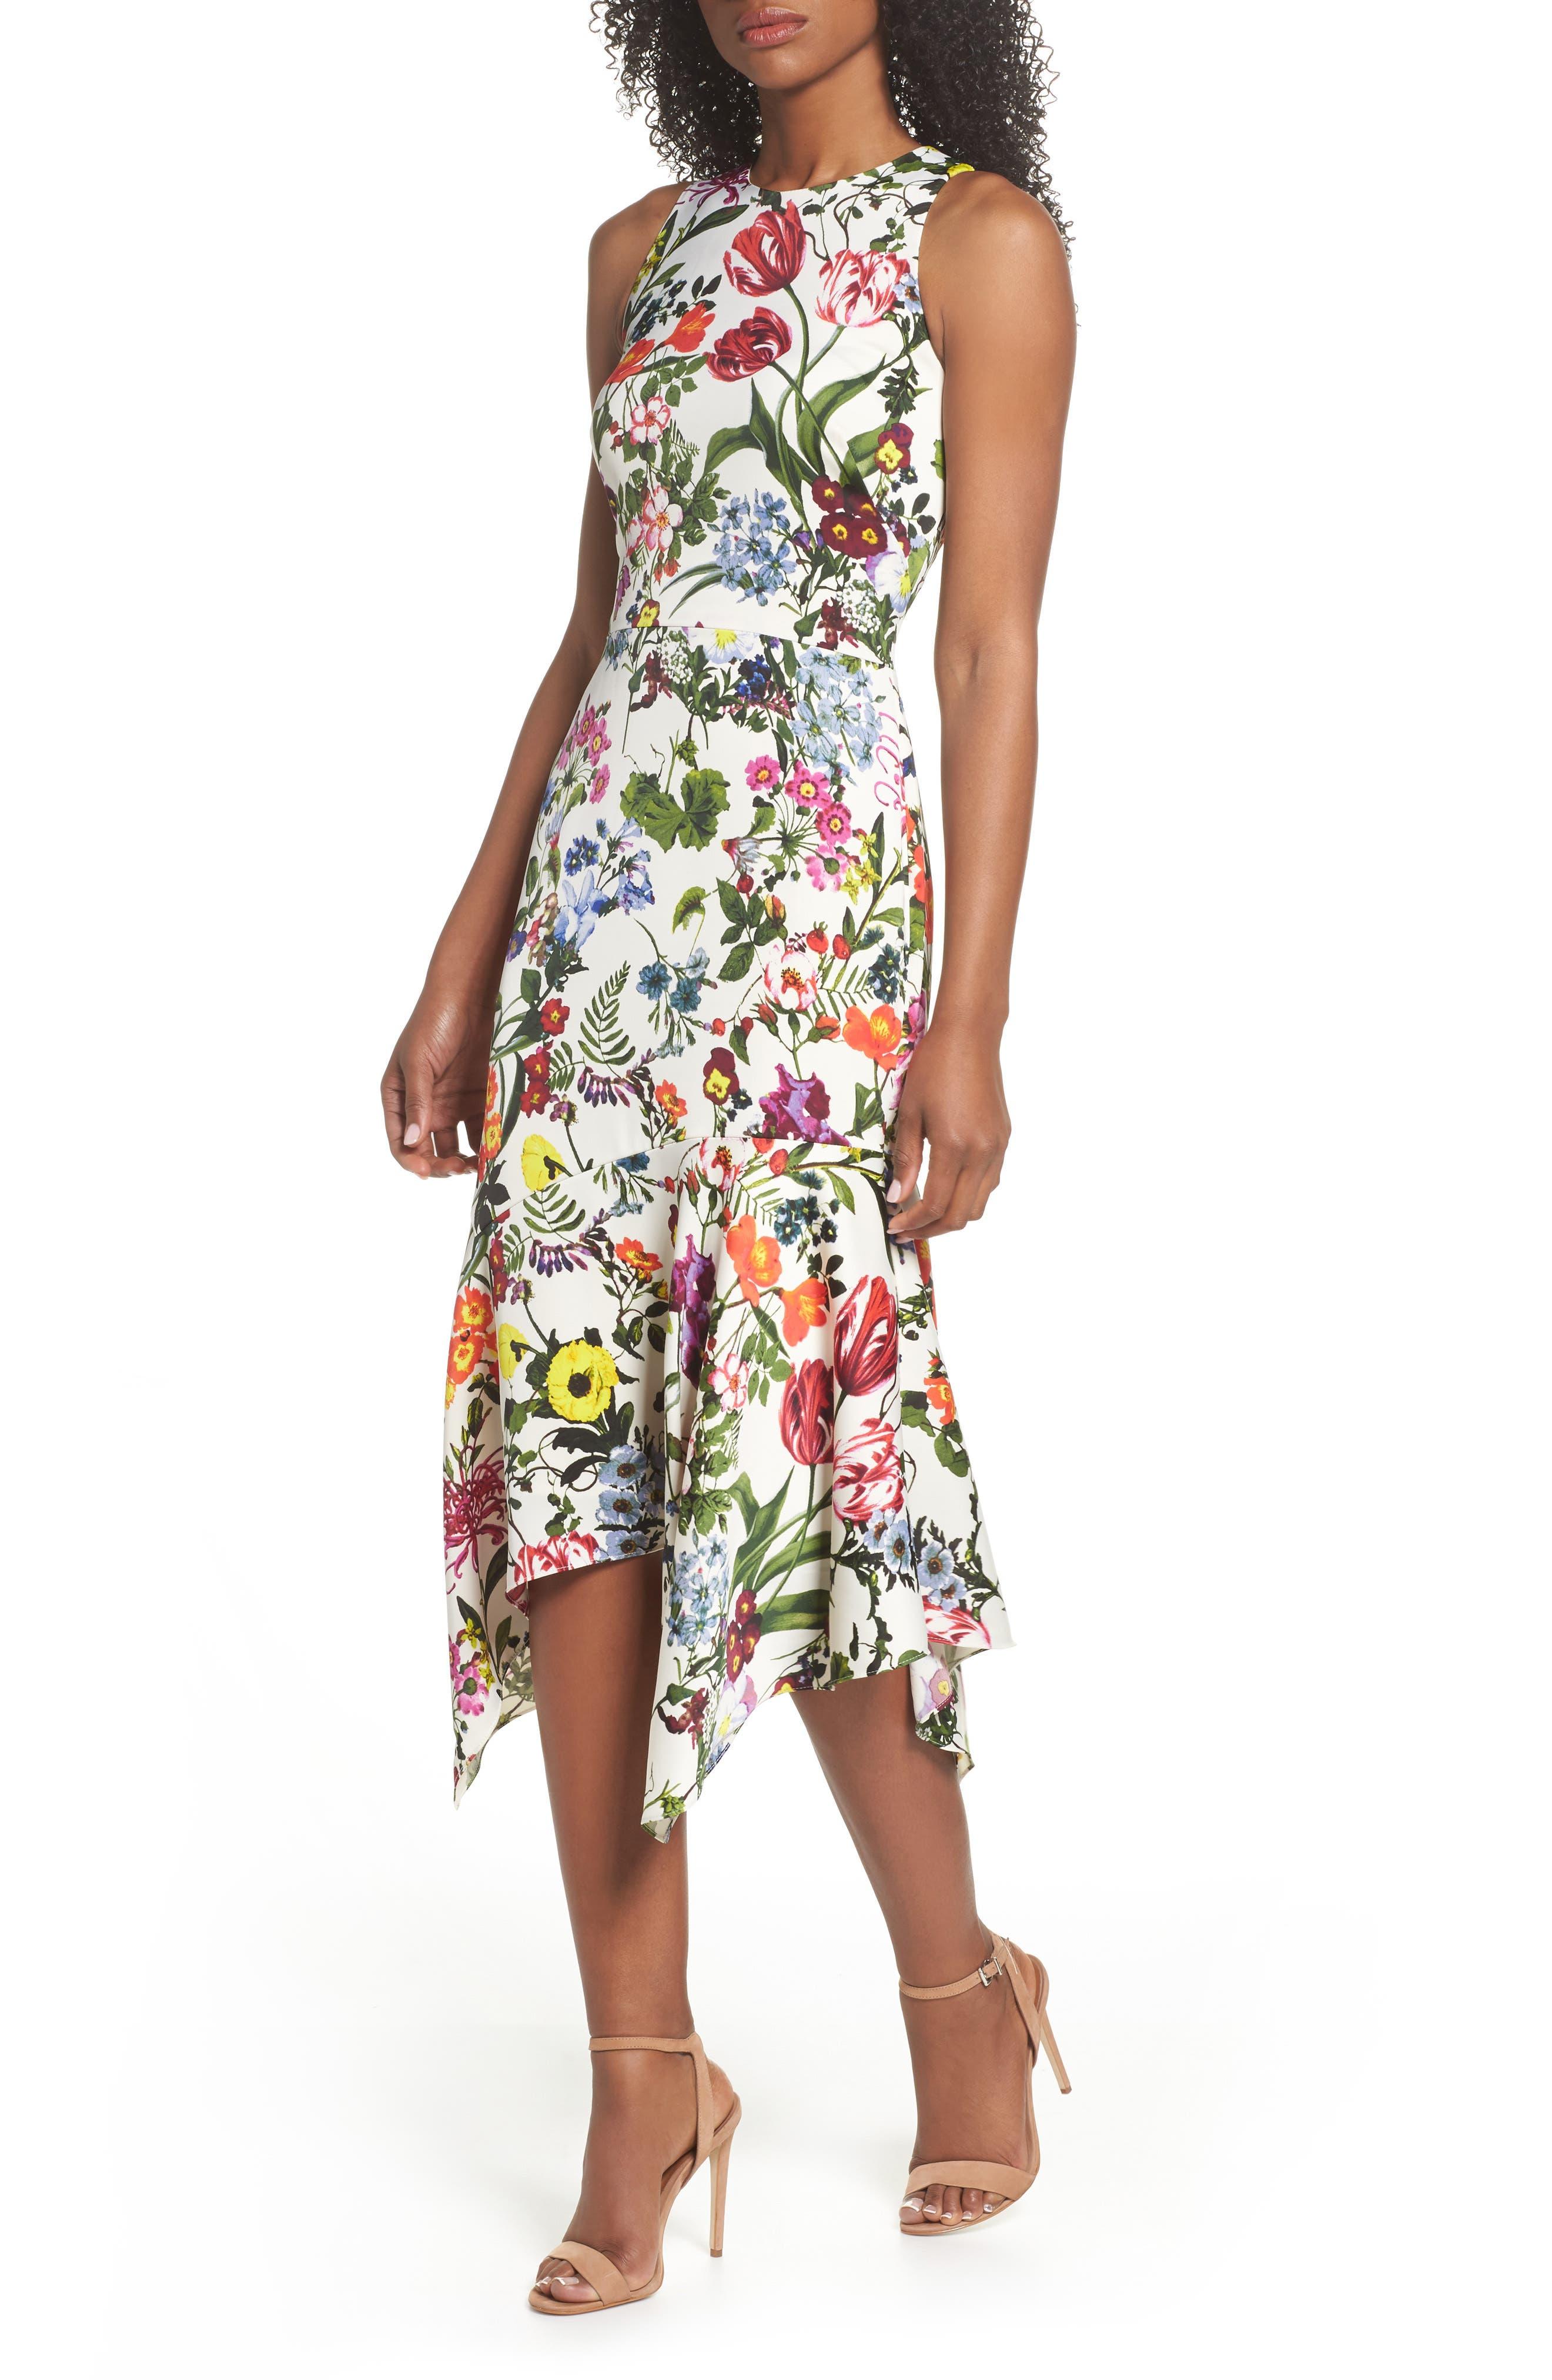 Botanical Print Charmeuse Midi Dress,                             Main thumbnail 1, color,                             Soft White/ Multi